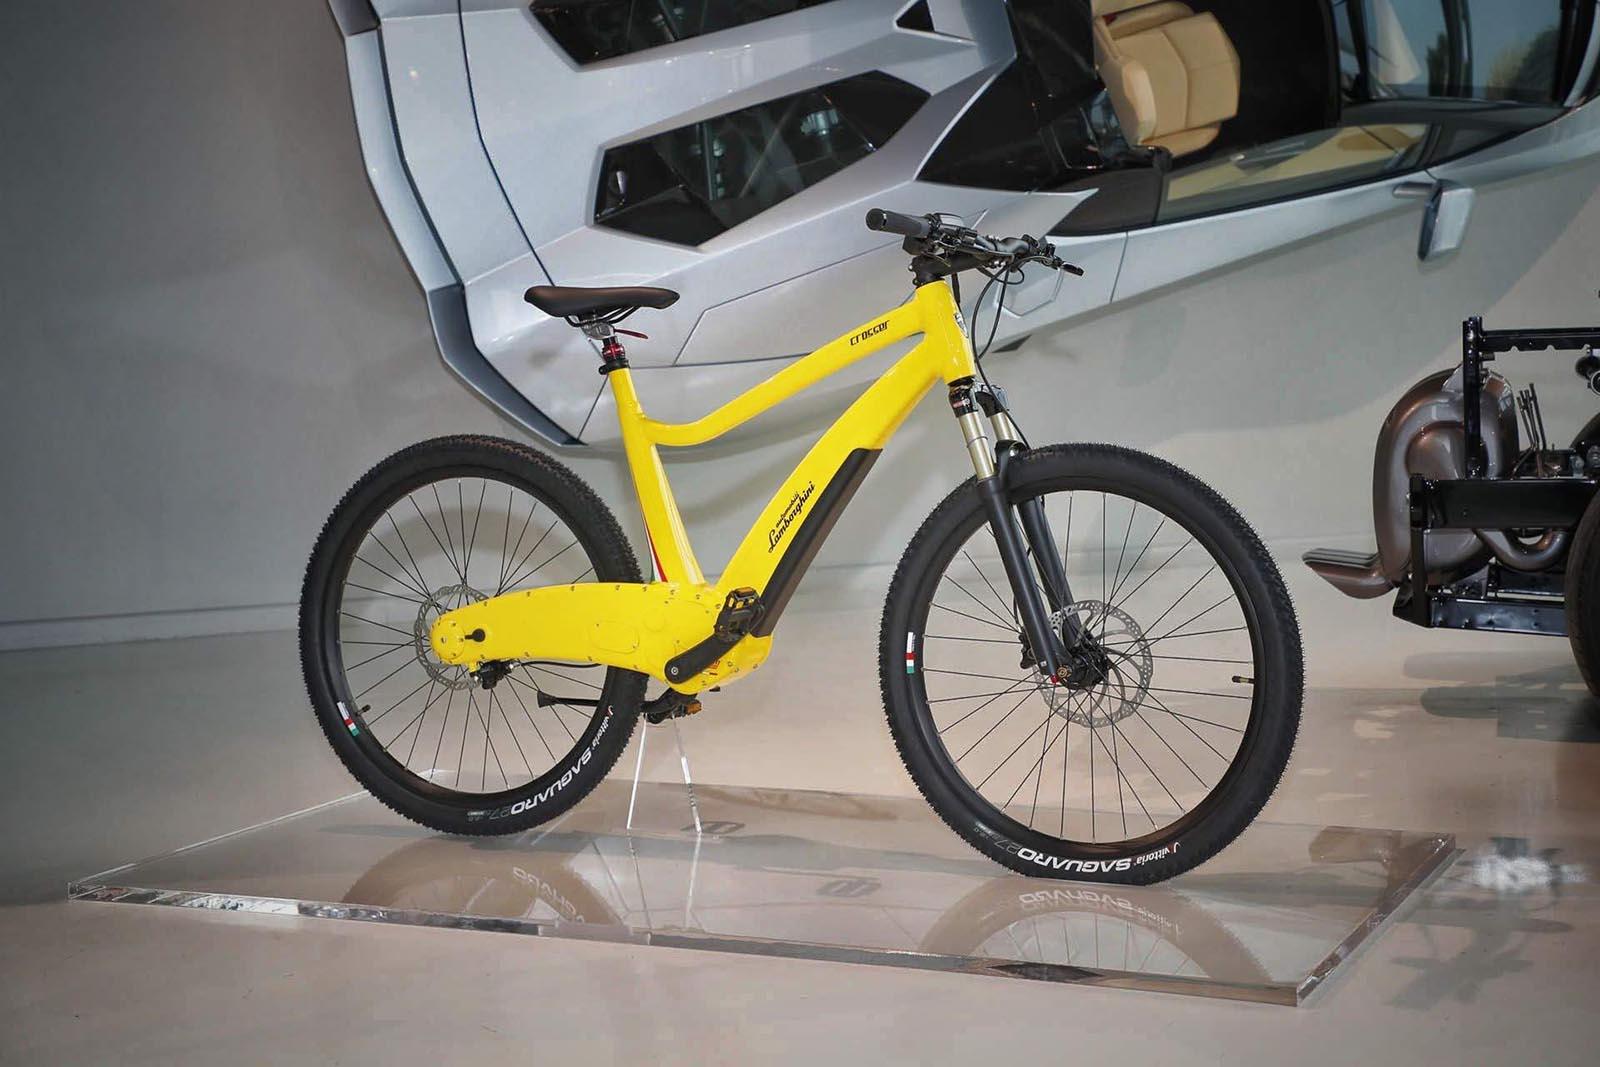 Automobili Lamborghini E-Bike